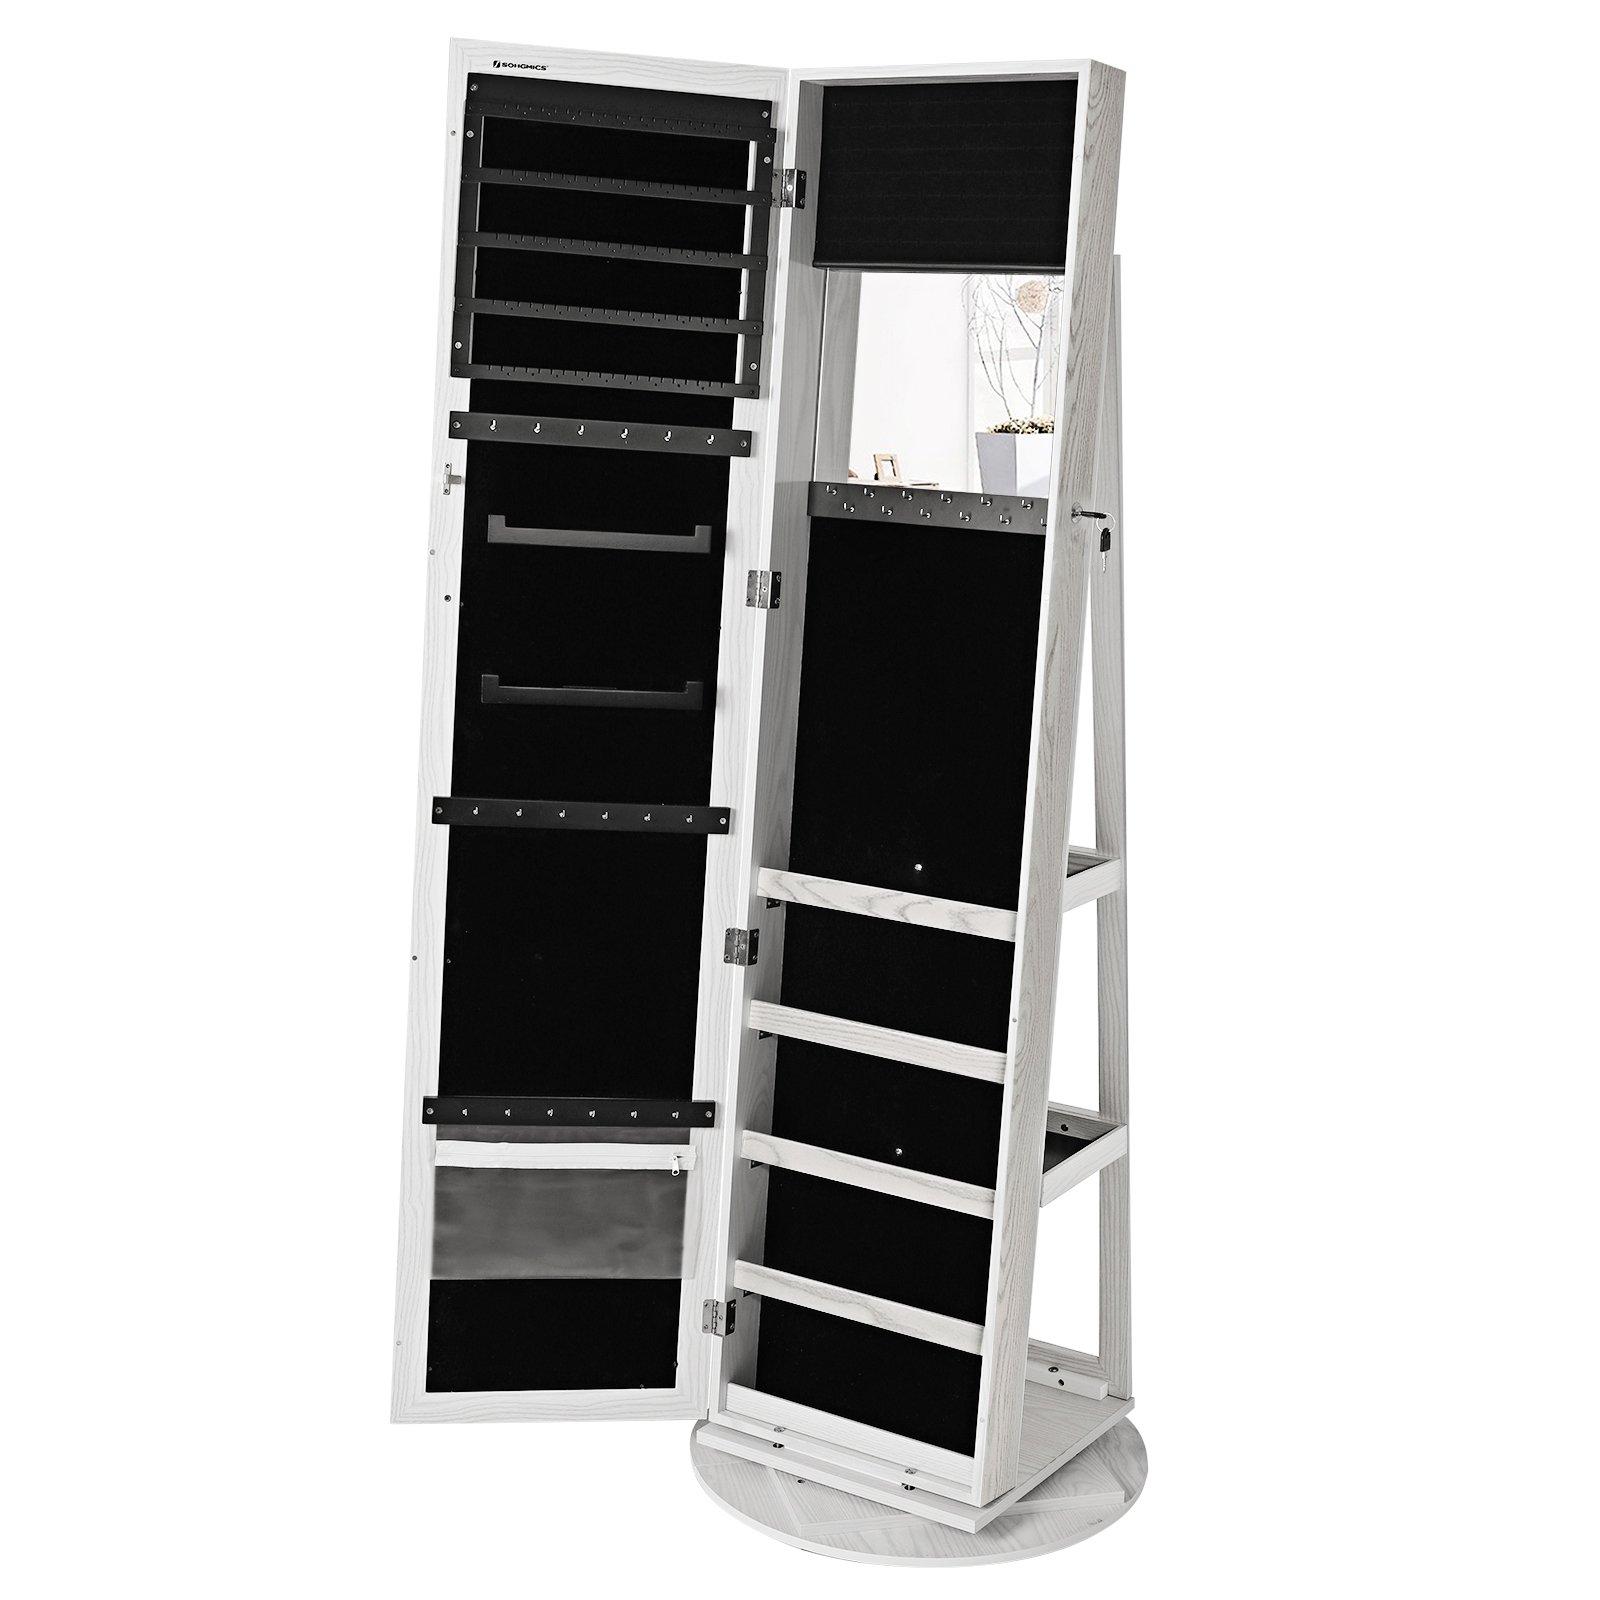 SONGMICS Espejo joyero Giratorio a 360º Armario de pie Organizador de joyerías 5 Compartimentos JBC62W product